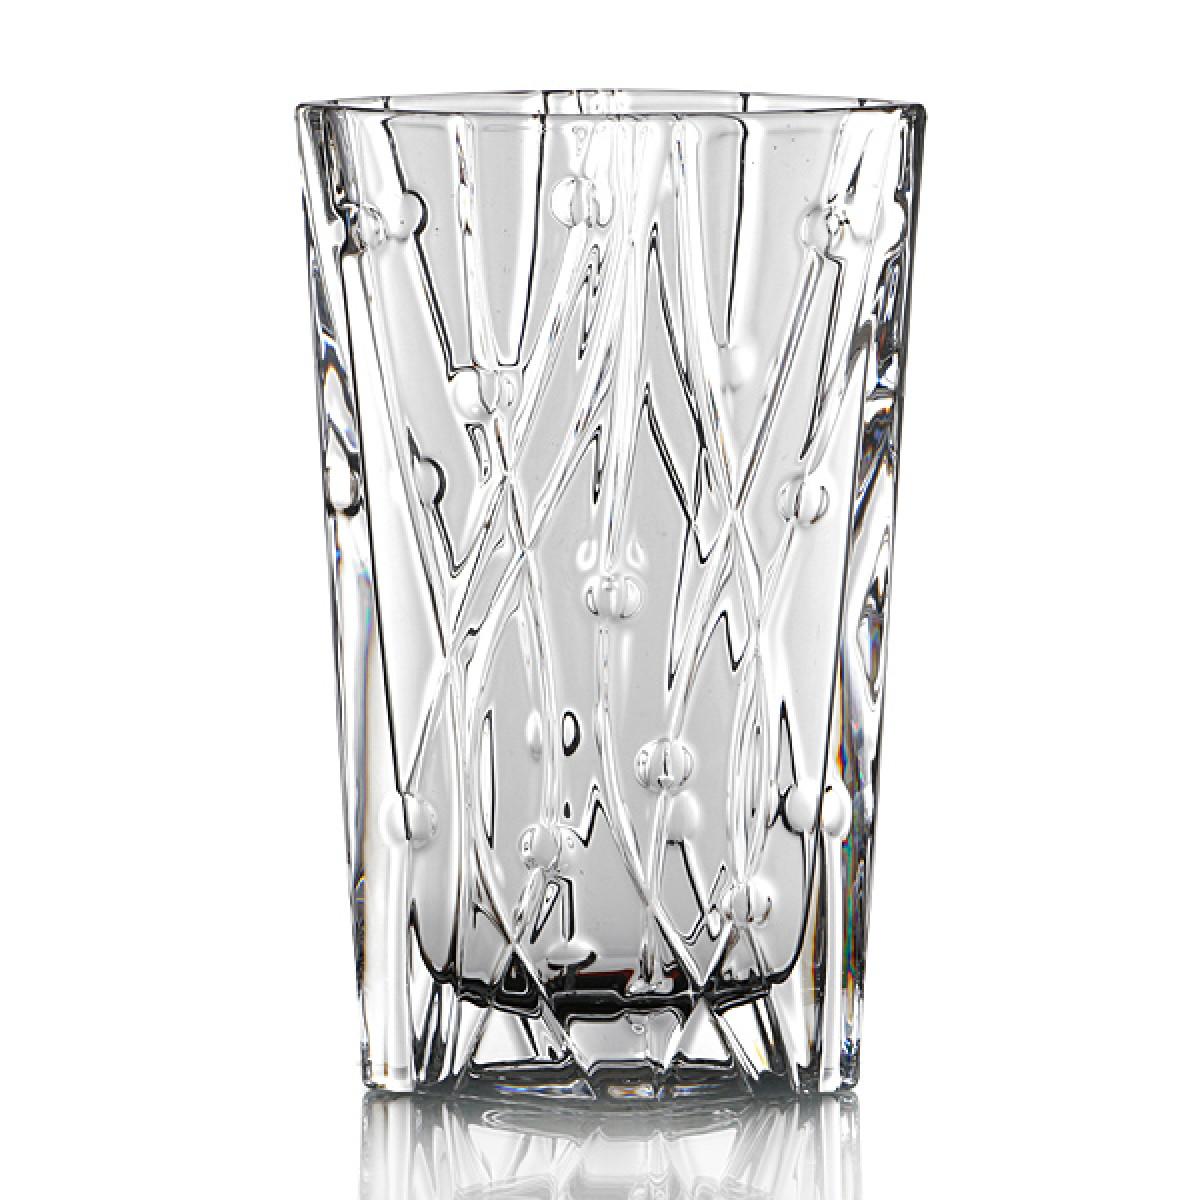 Купить Вазы Crystalite Bohemia, Ваза Steffie (31 см), Чехия, Белый, Стекло